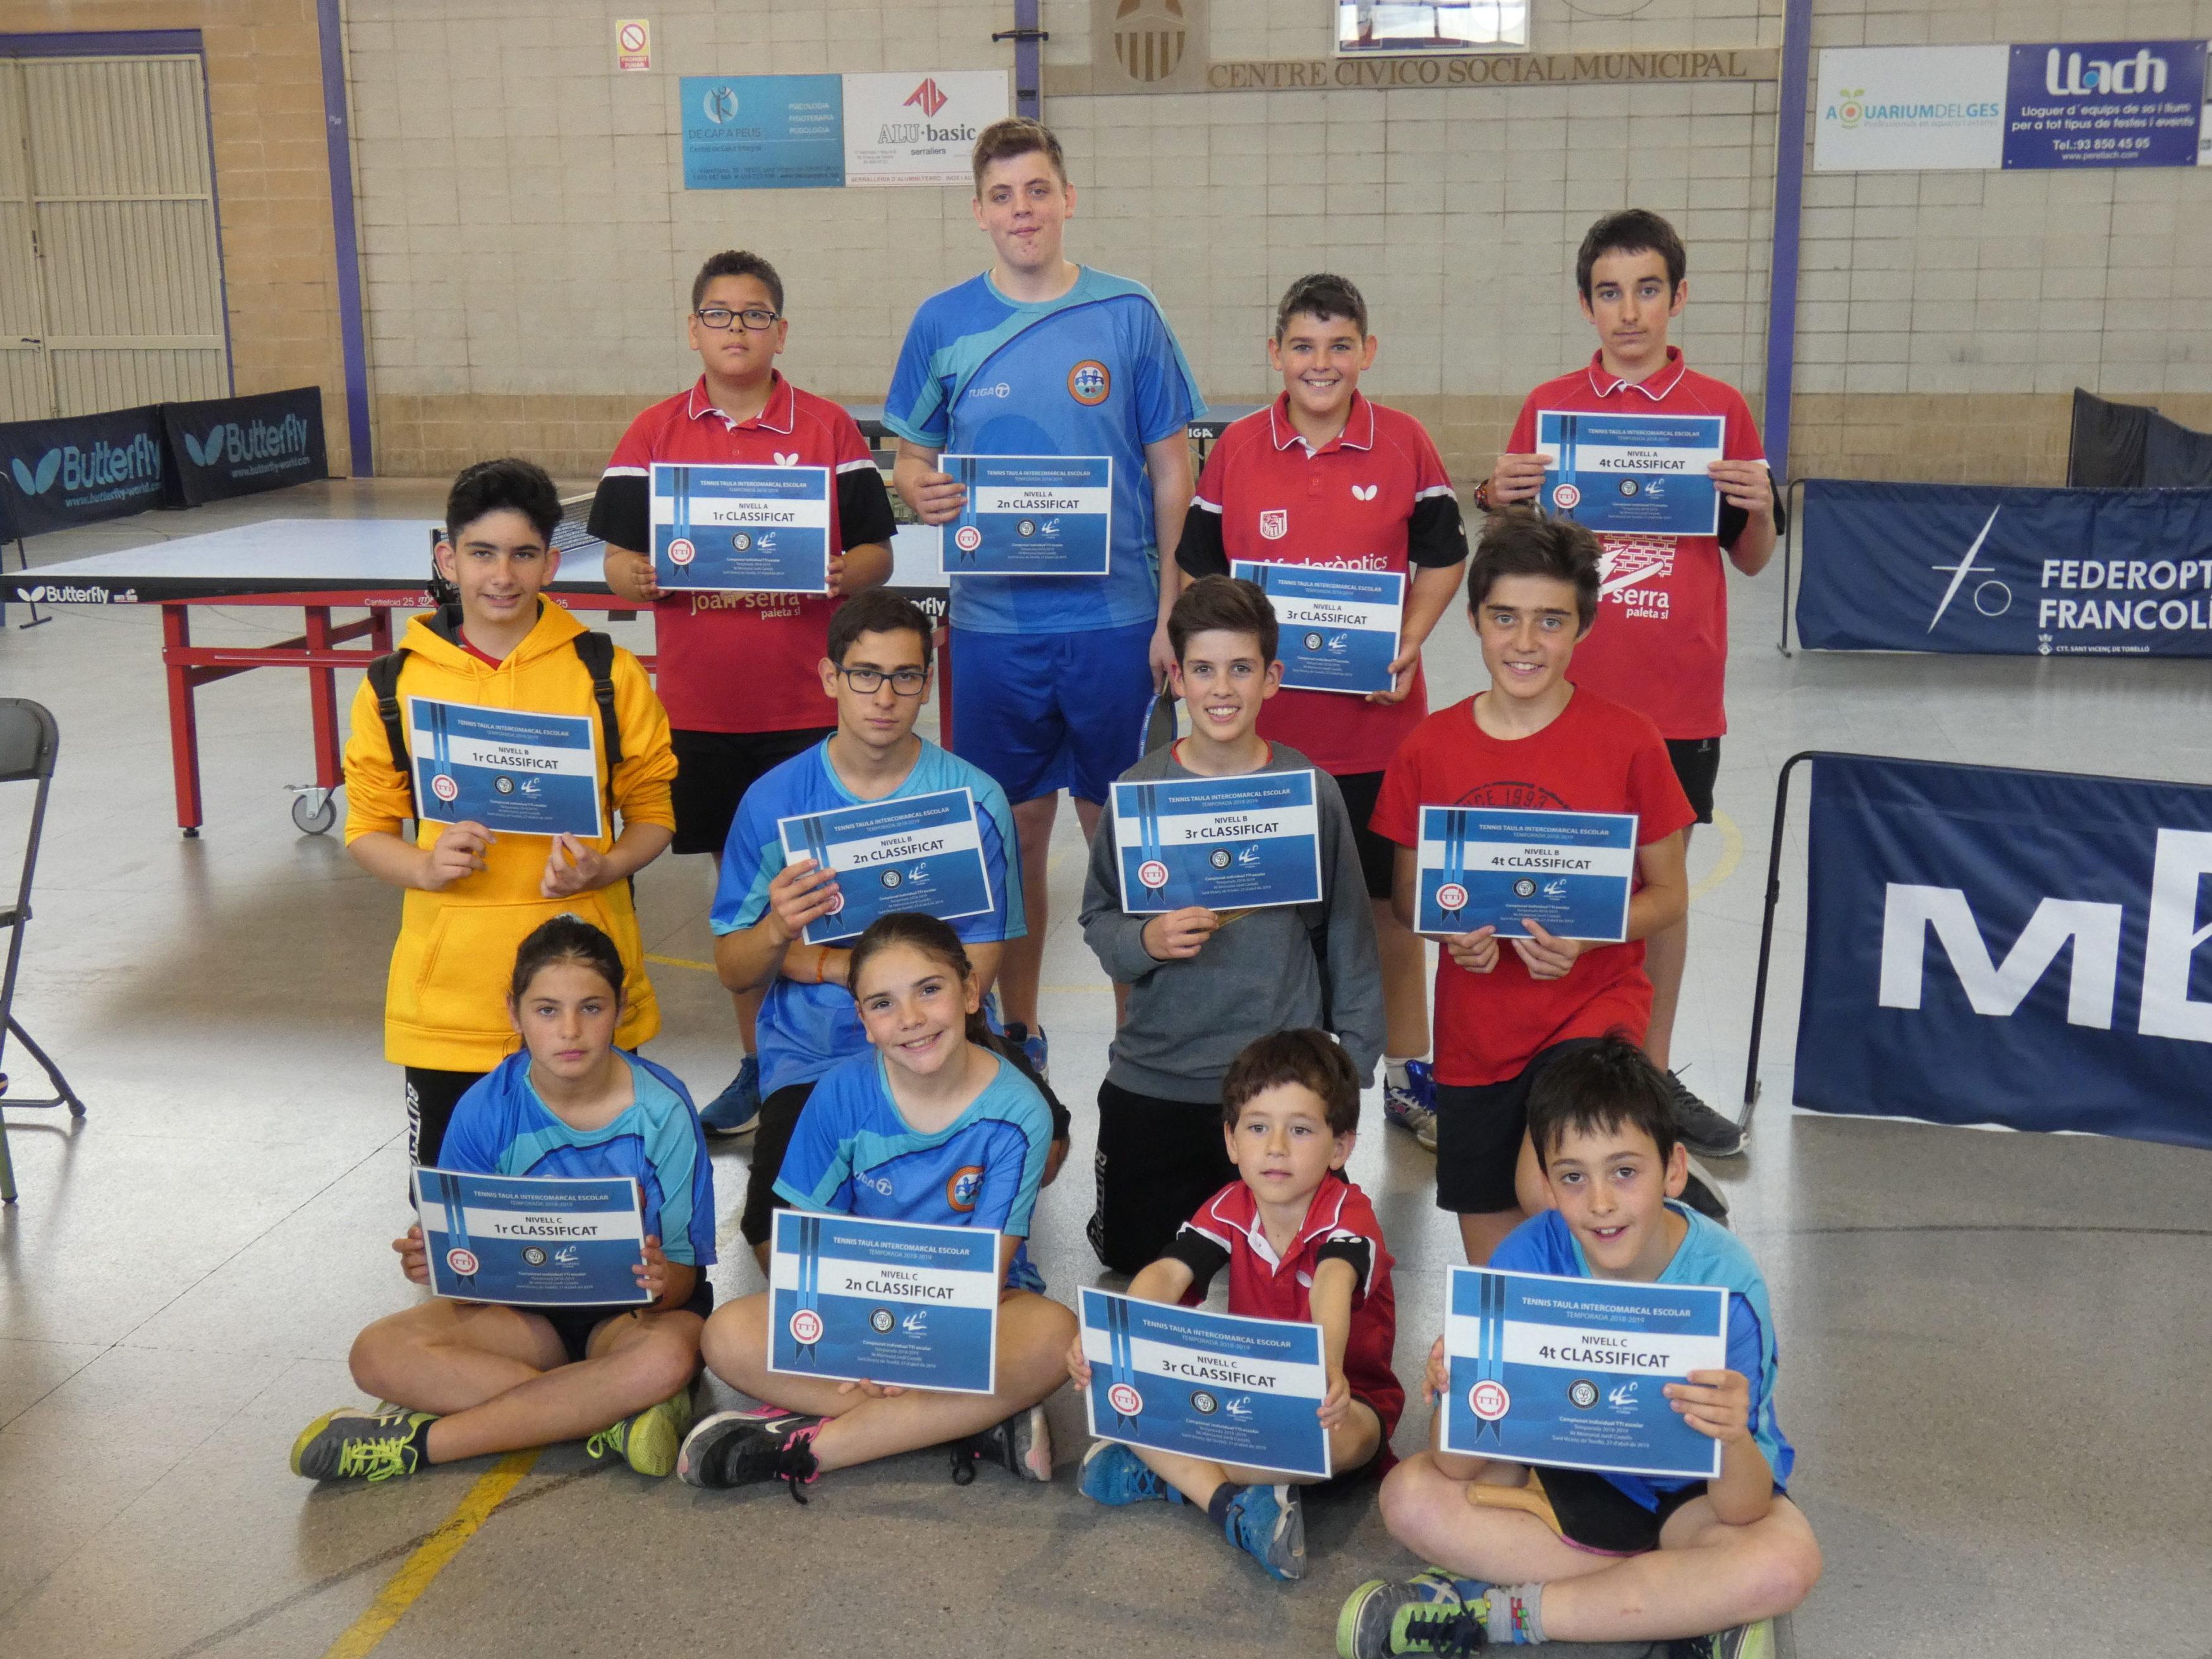 Mouslim Benhari guanya la 4a prova del TTI Escolar a Sant Vicenç de Torelló